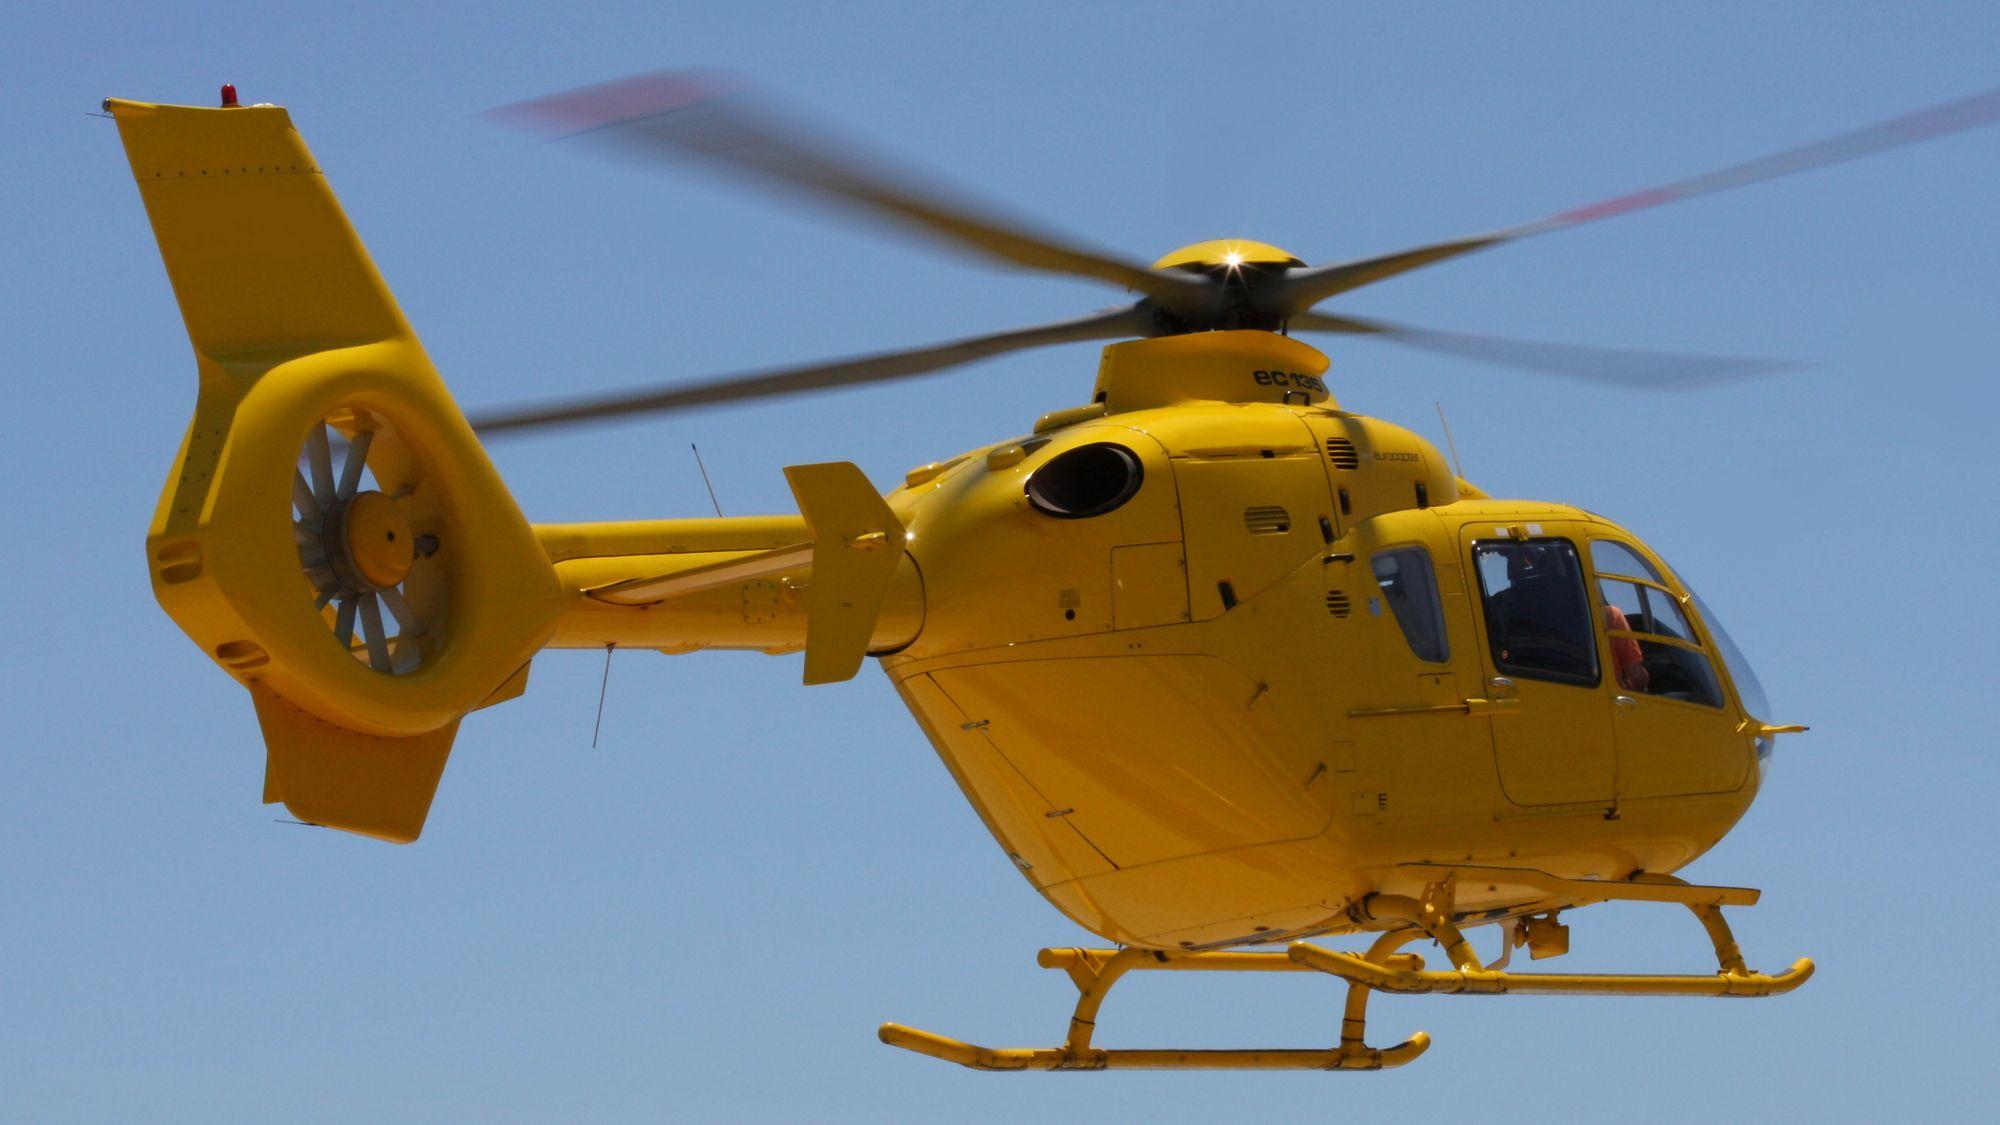 一般人がヘリコプターを運転しようとすると、何円かかるのか?